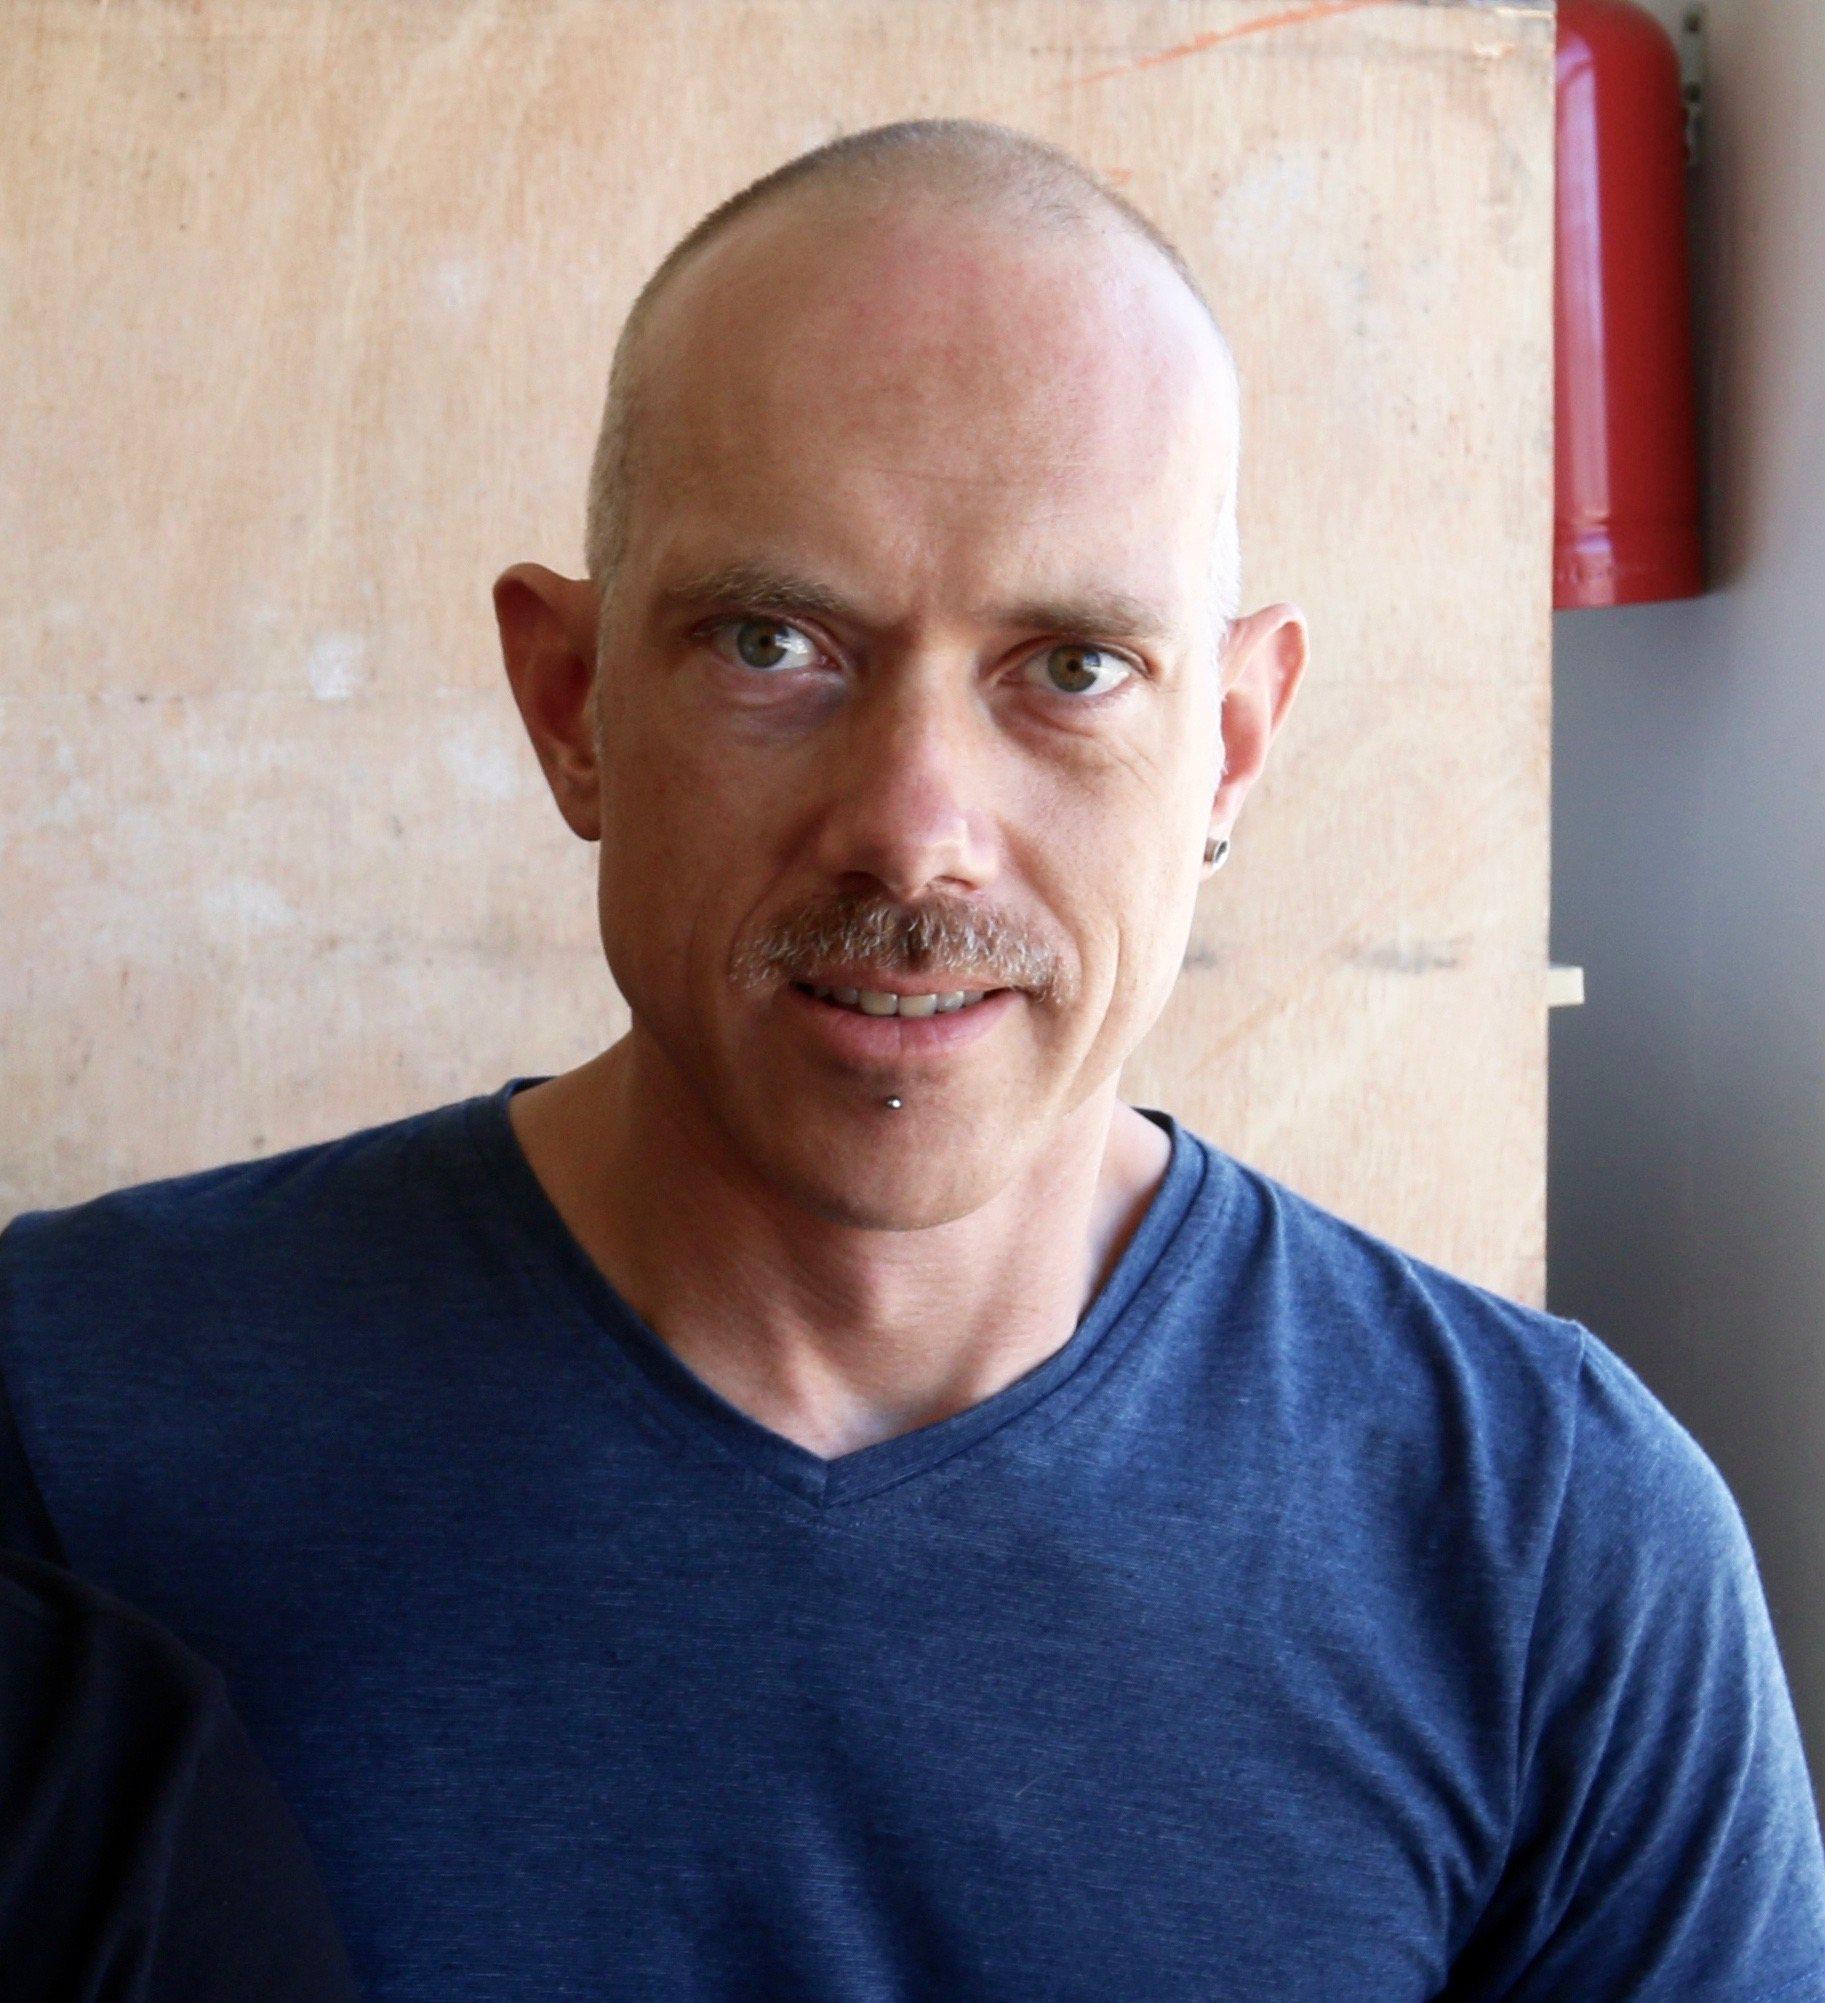 Pierre Fouche portrait photo